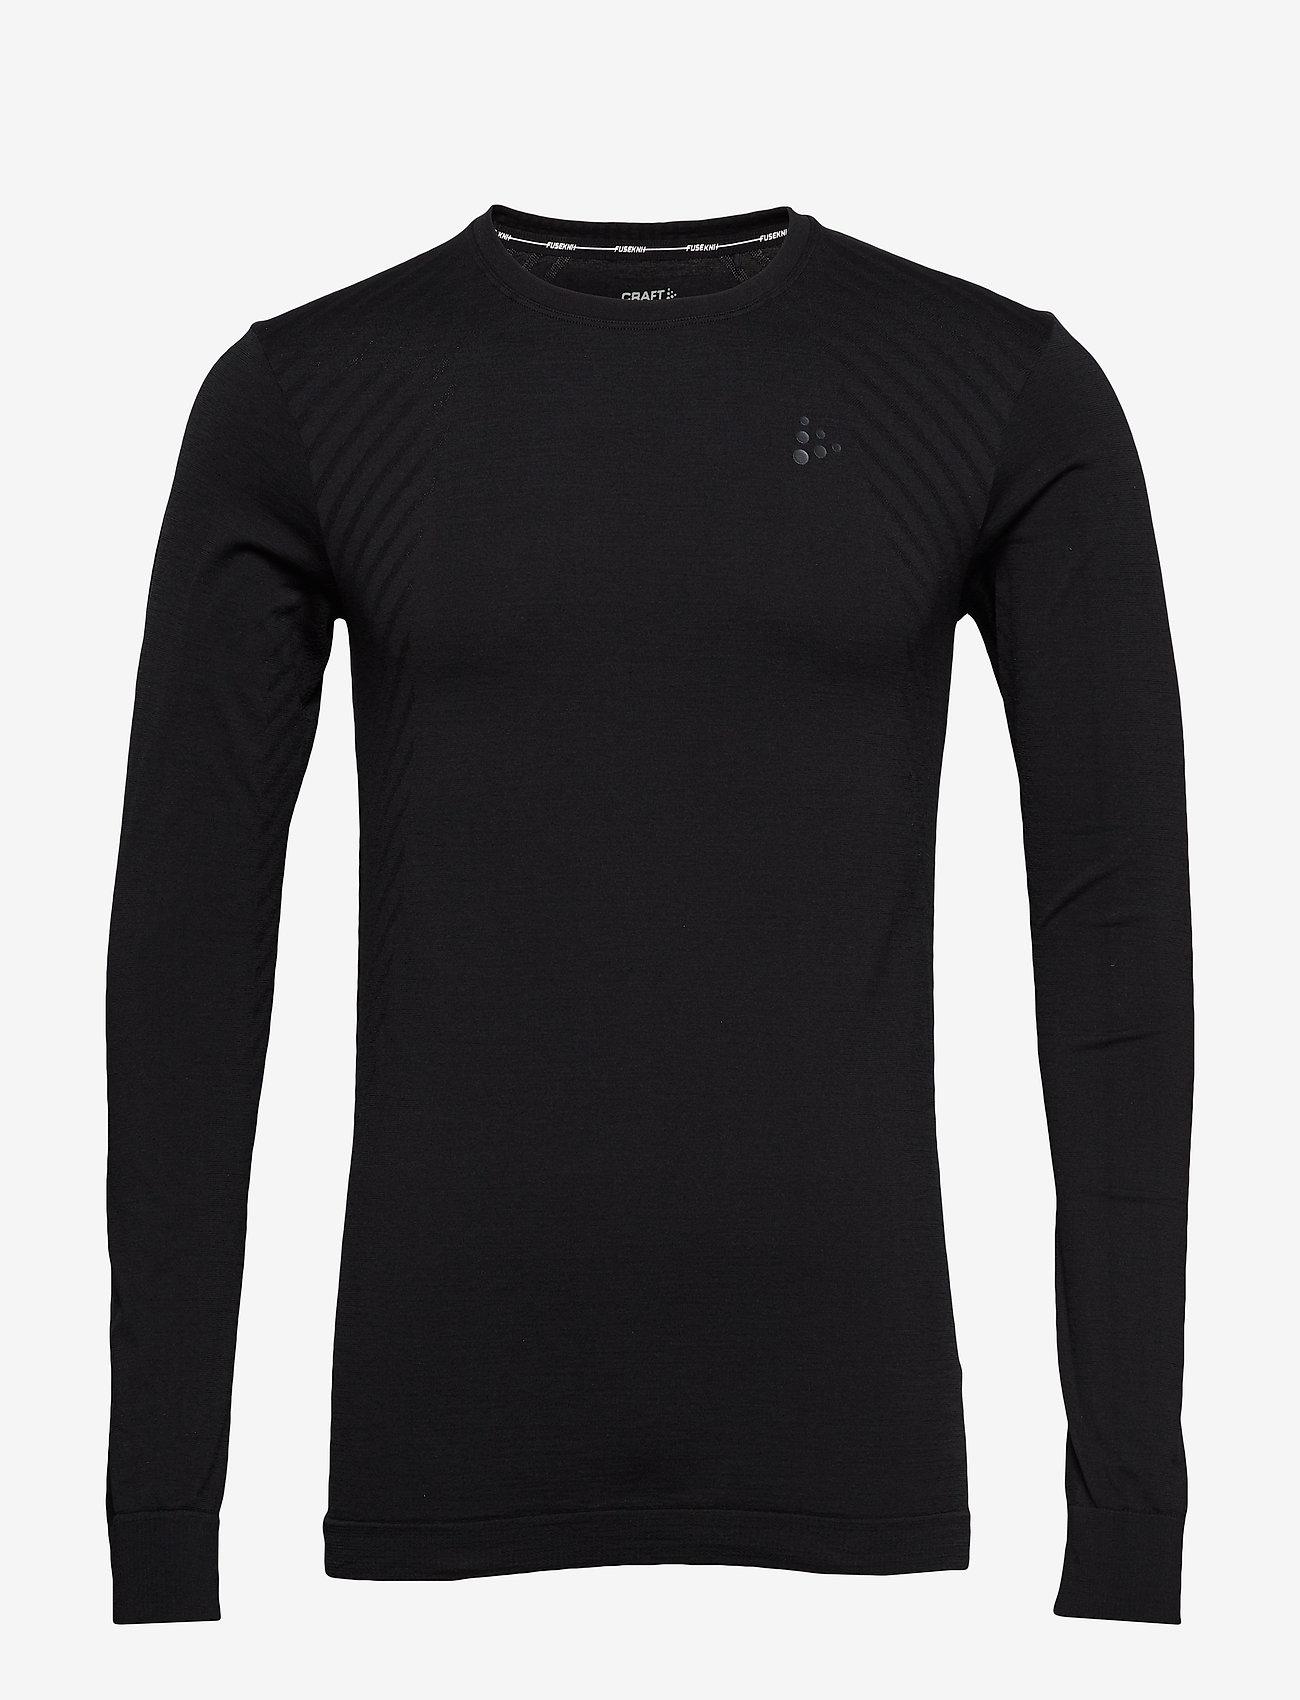 Craft - FUSEKNIT COMFORT RN LS  - langarmshirts - black - 0